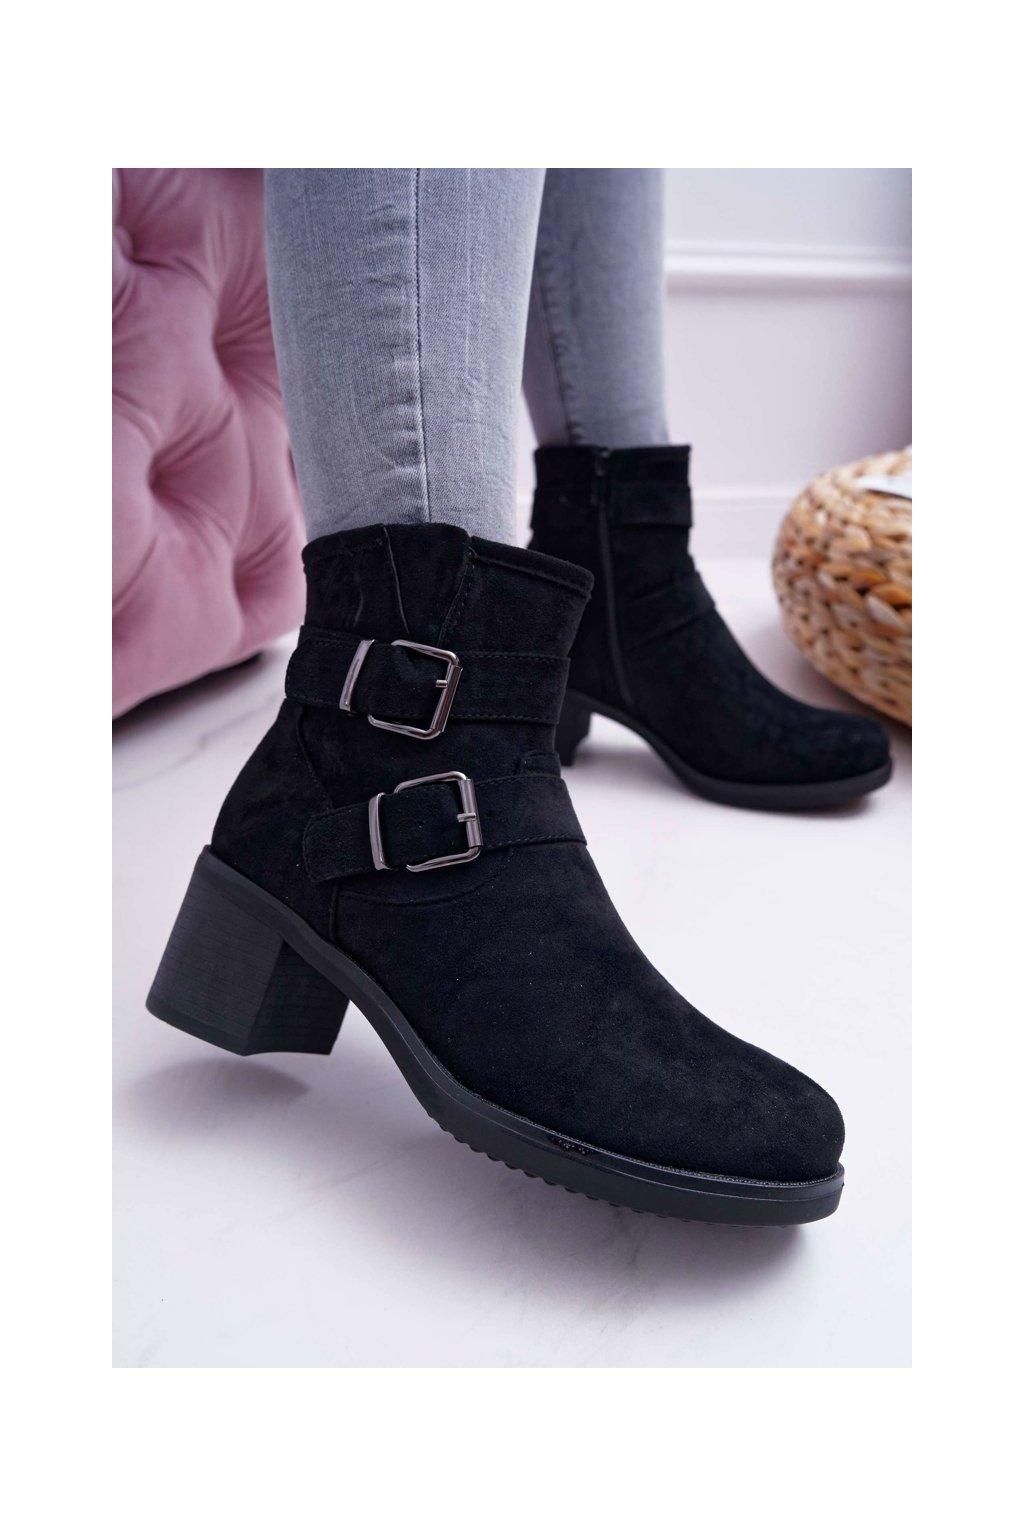 Členkové topánky na podpätku farba čierna kód obuvi TX-1815 BLK